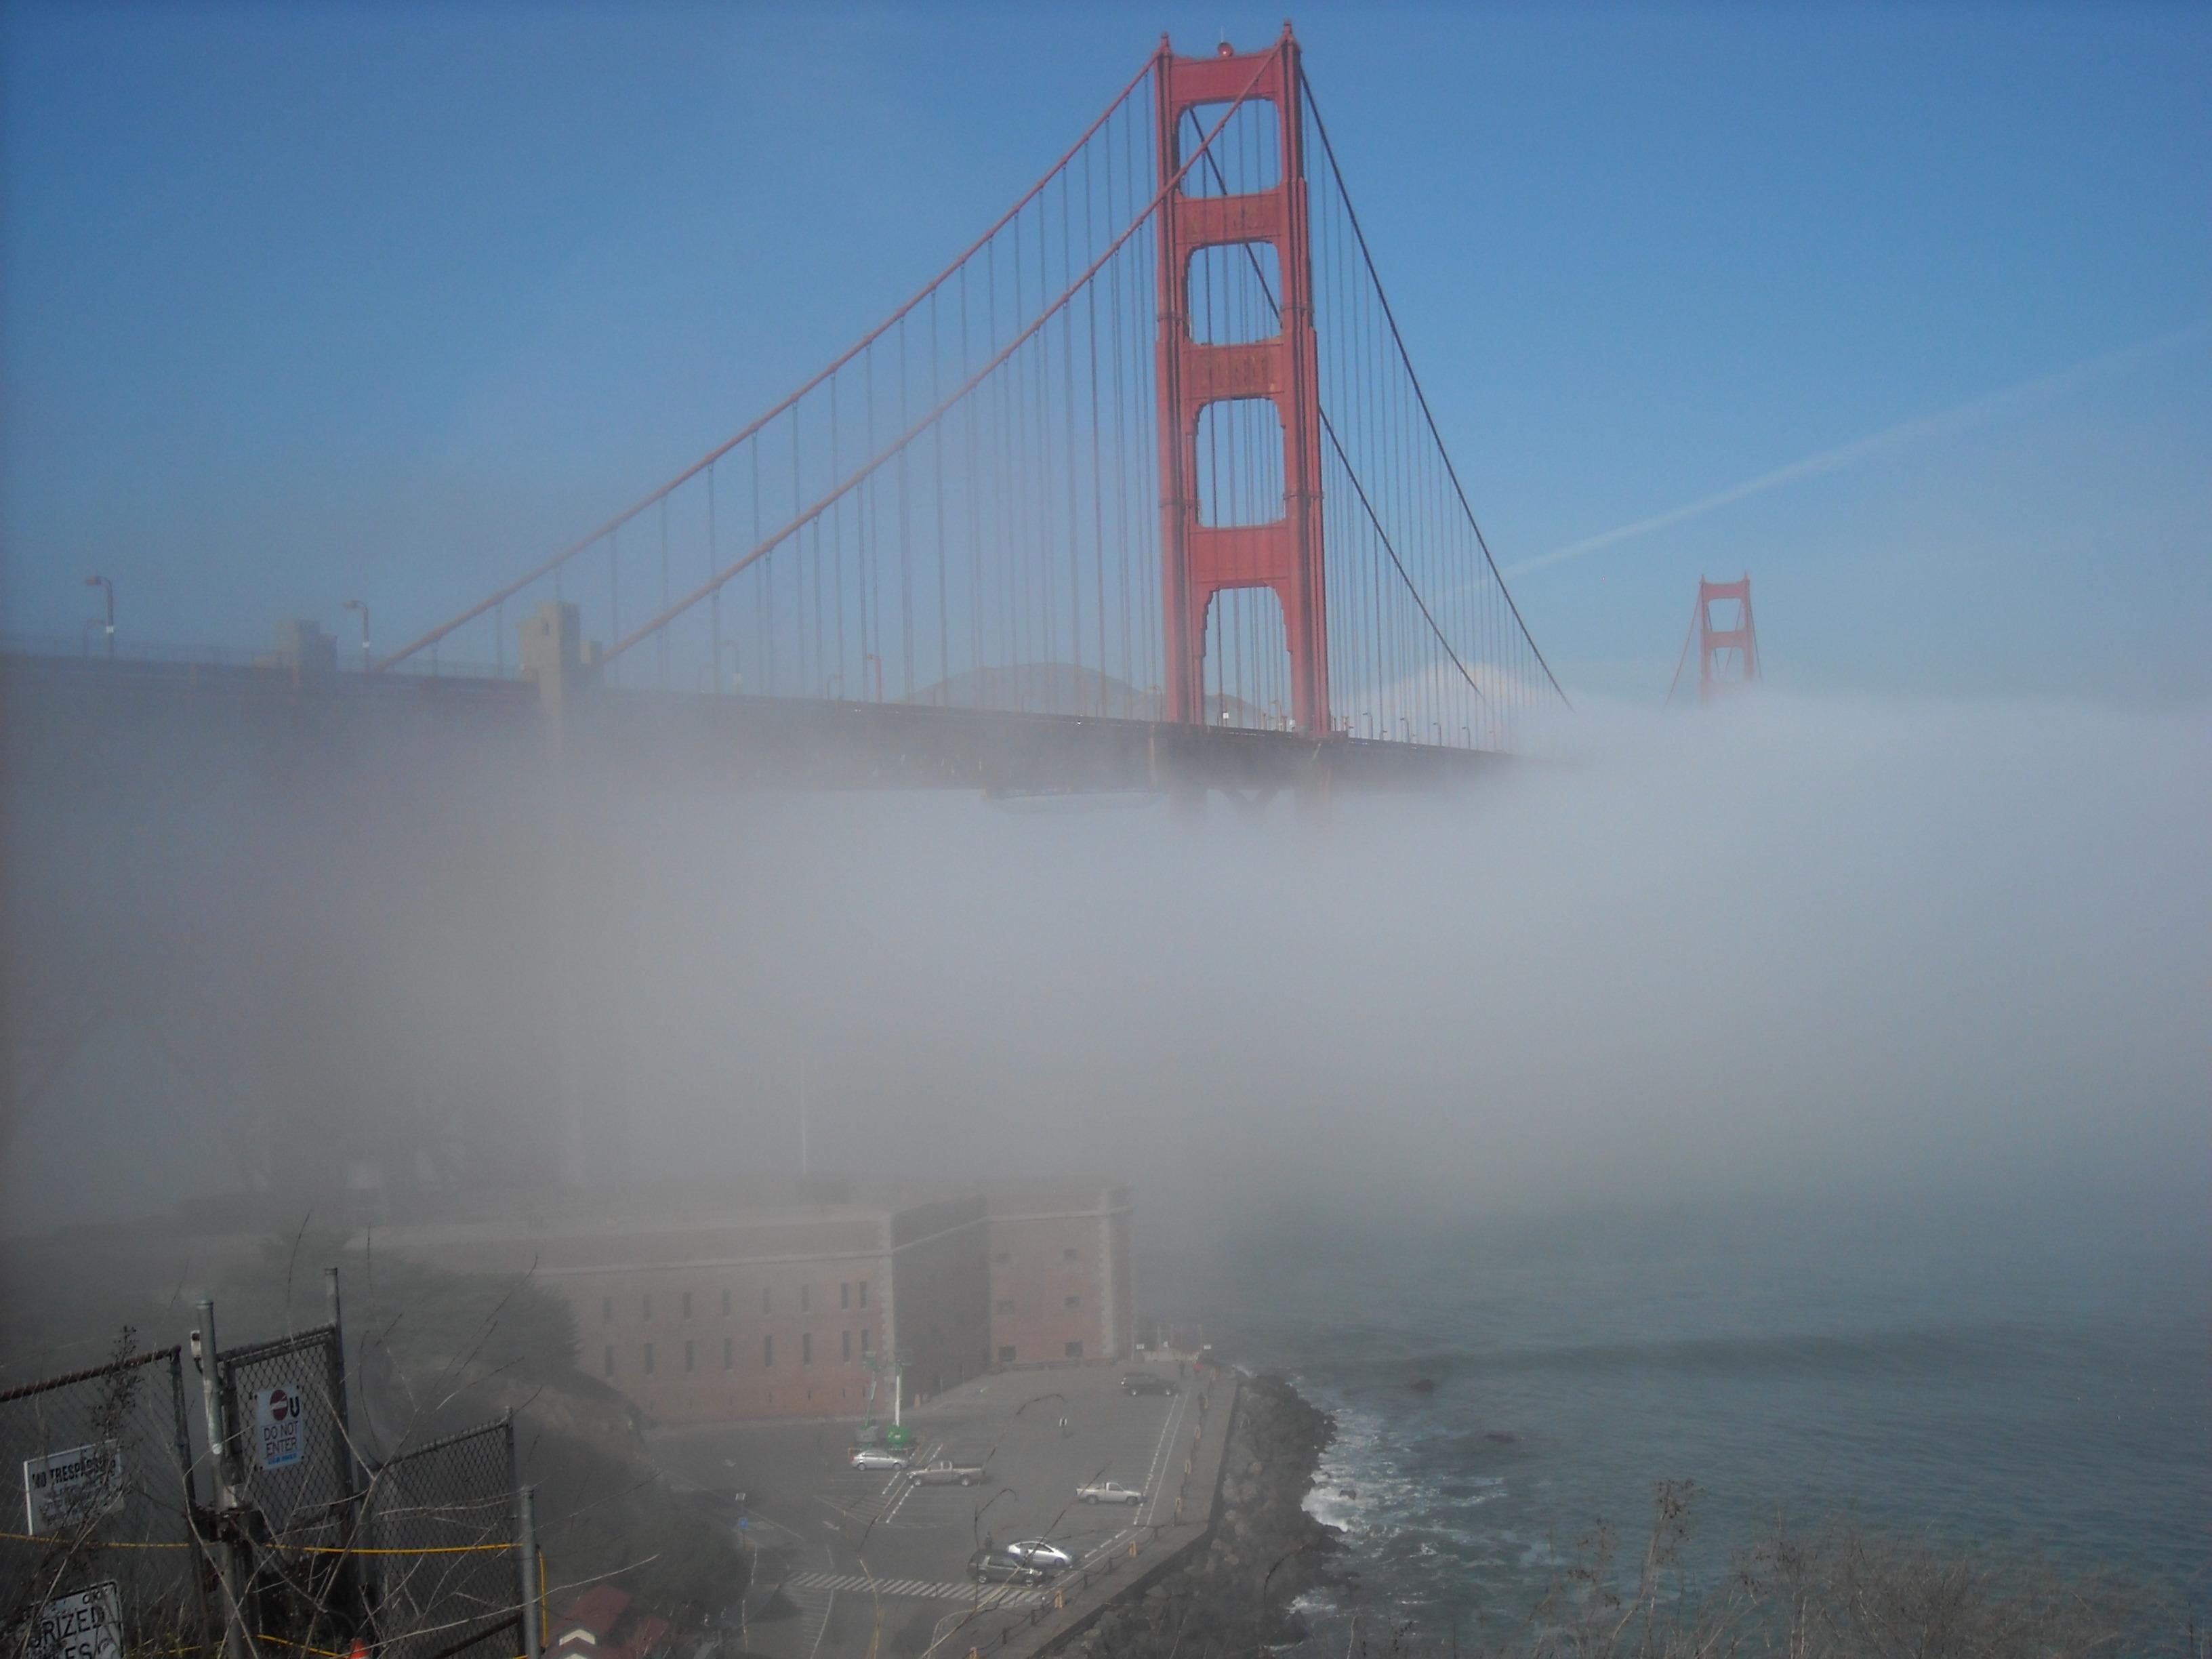 サンフランシスコ半日観光+アルカトラズ島観光